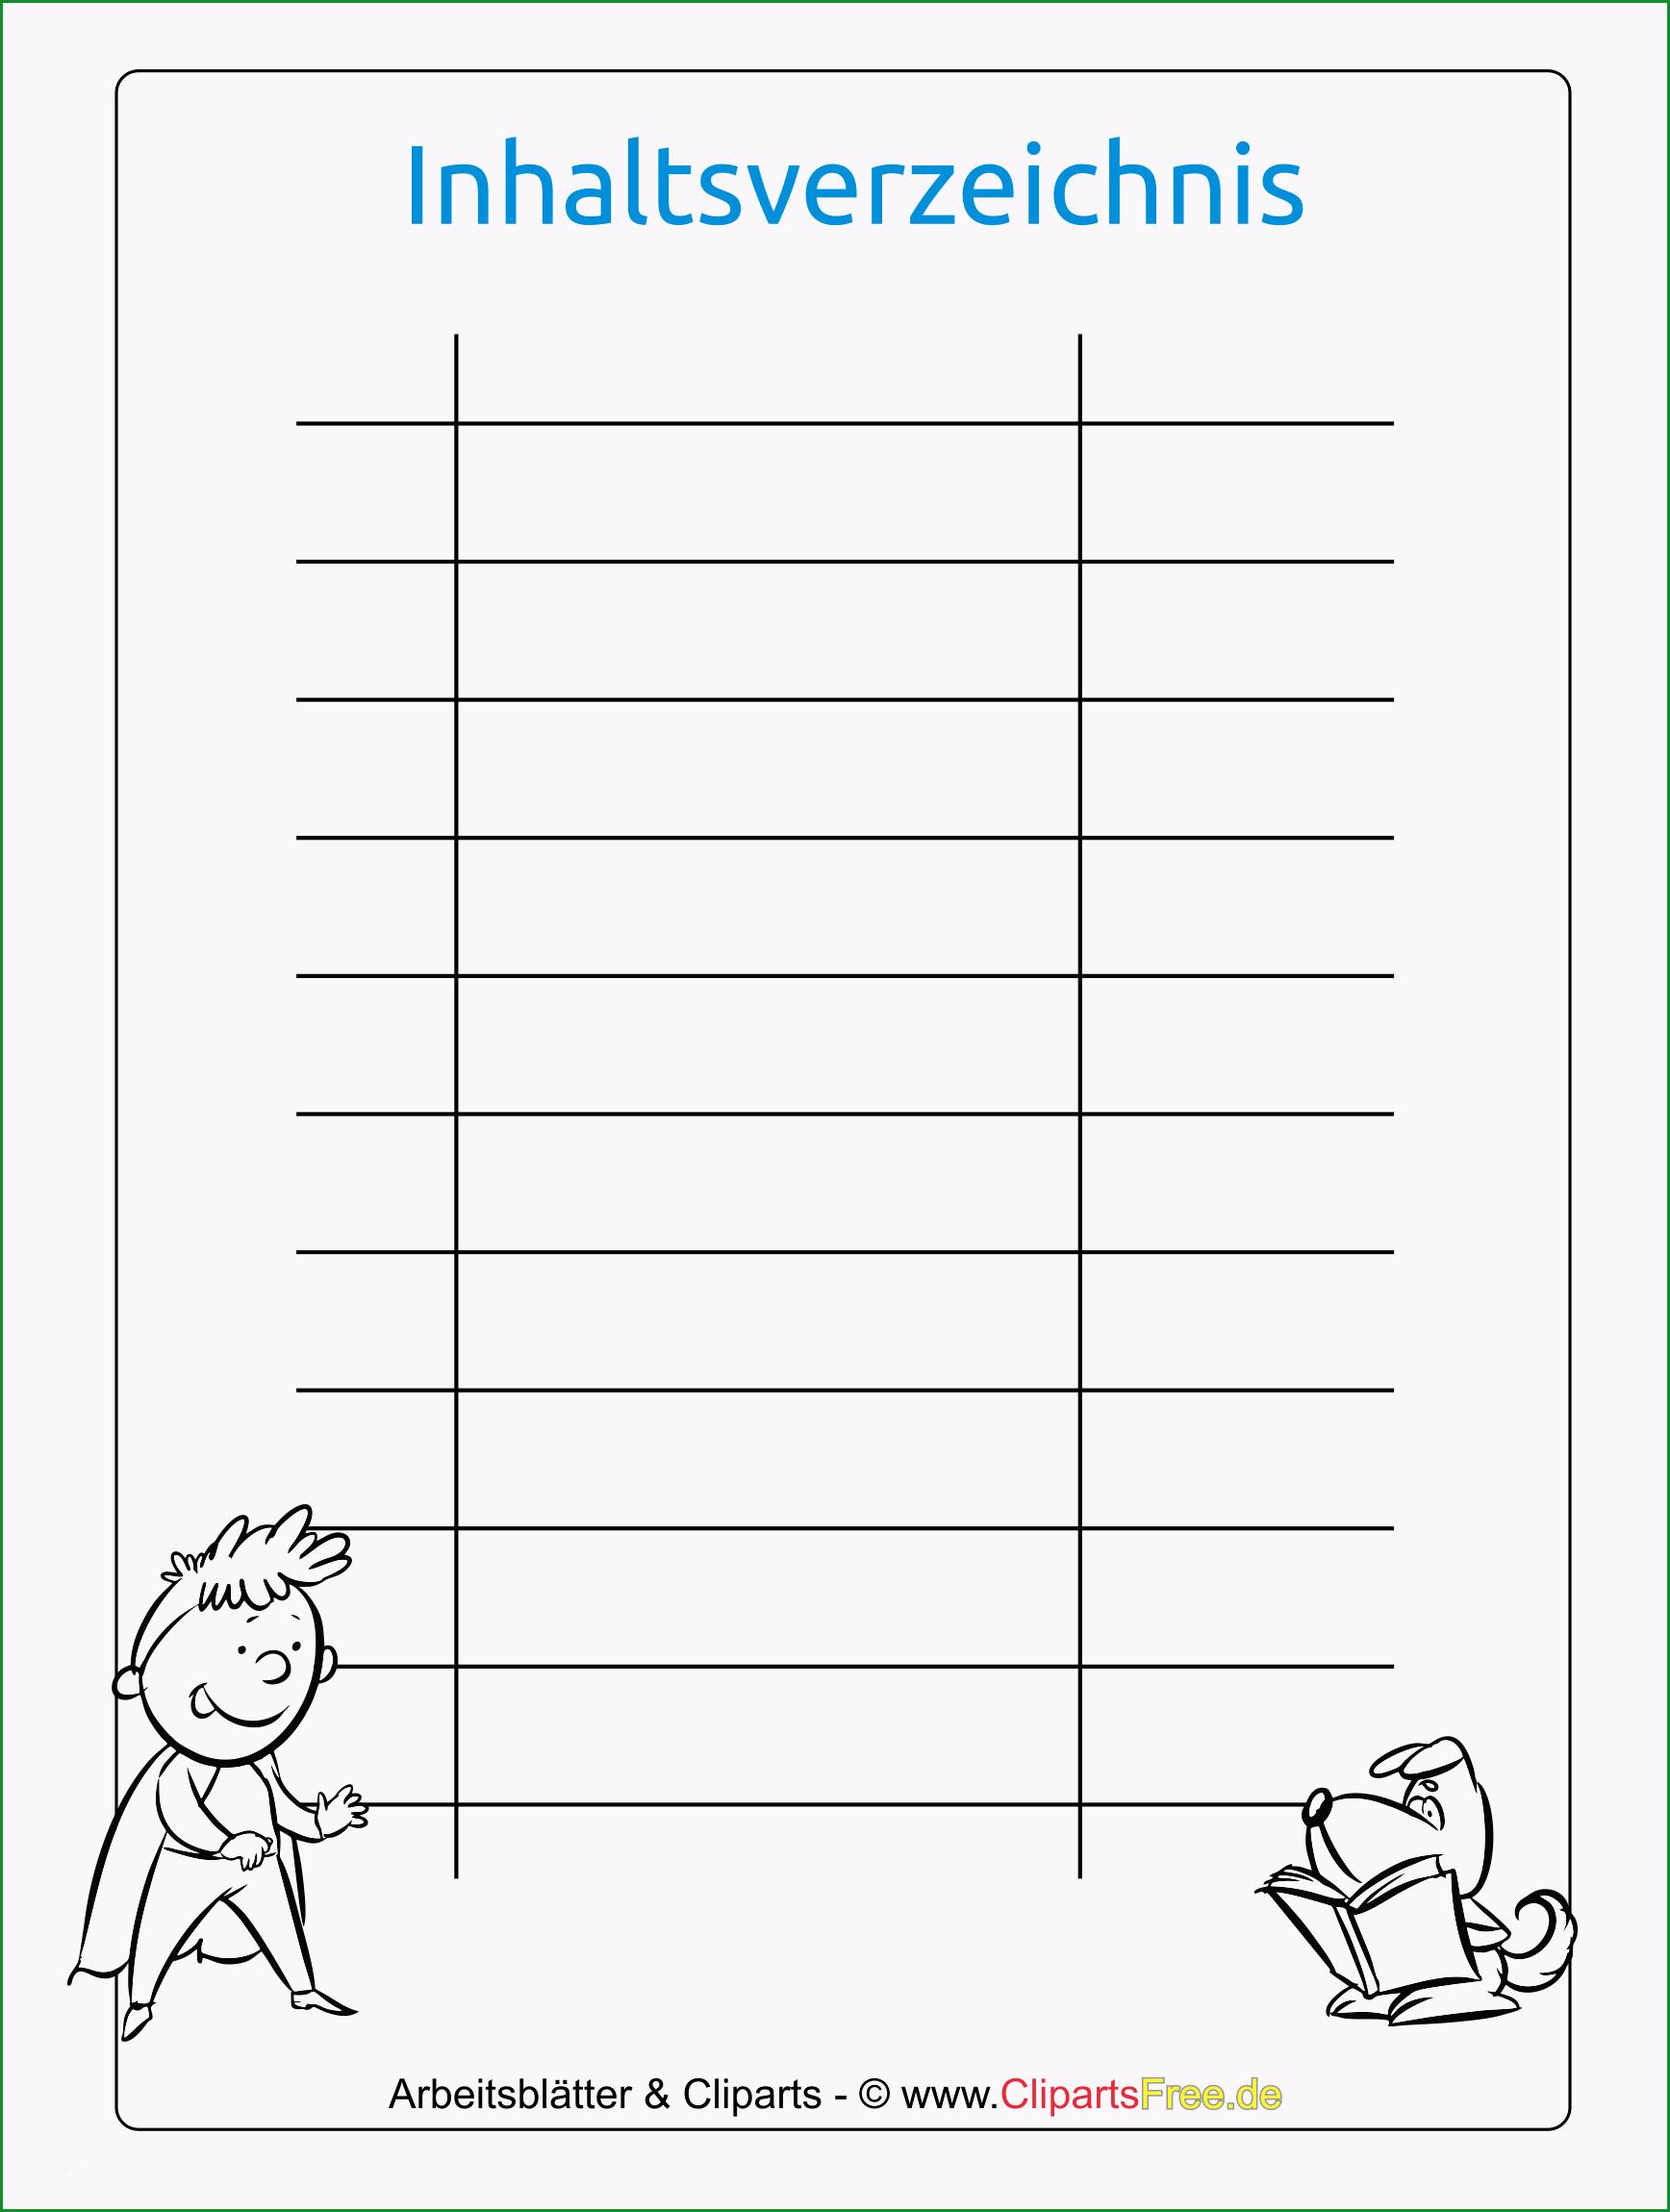 inhaltsverzeichnis vorlage für schule